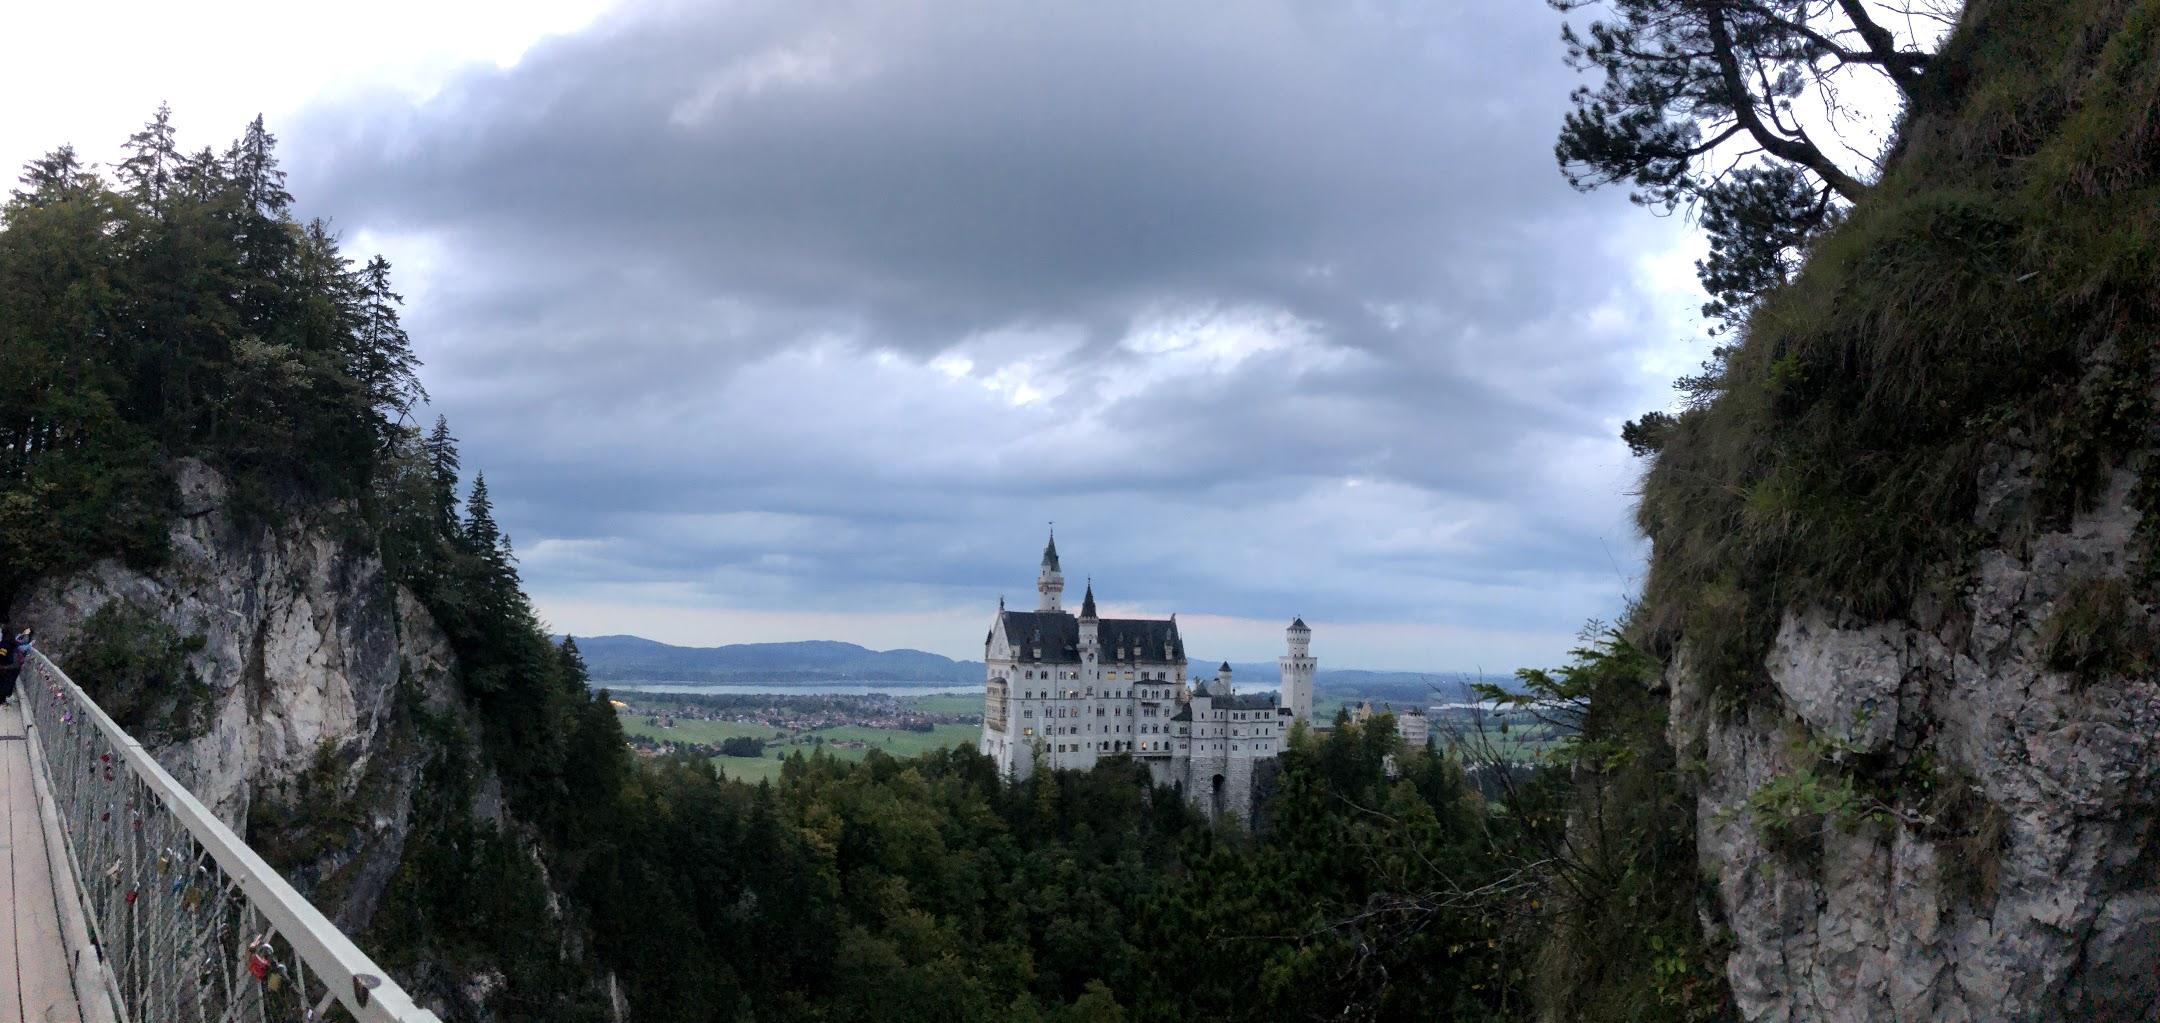 Neuschwanstein Castle View from Bridge